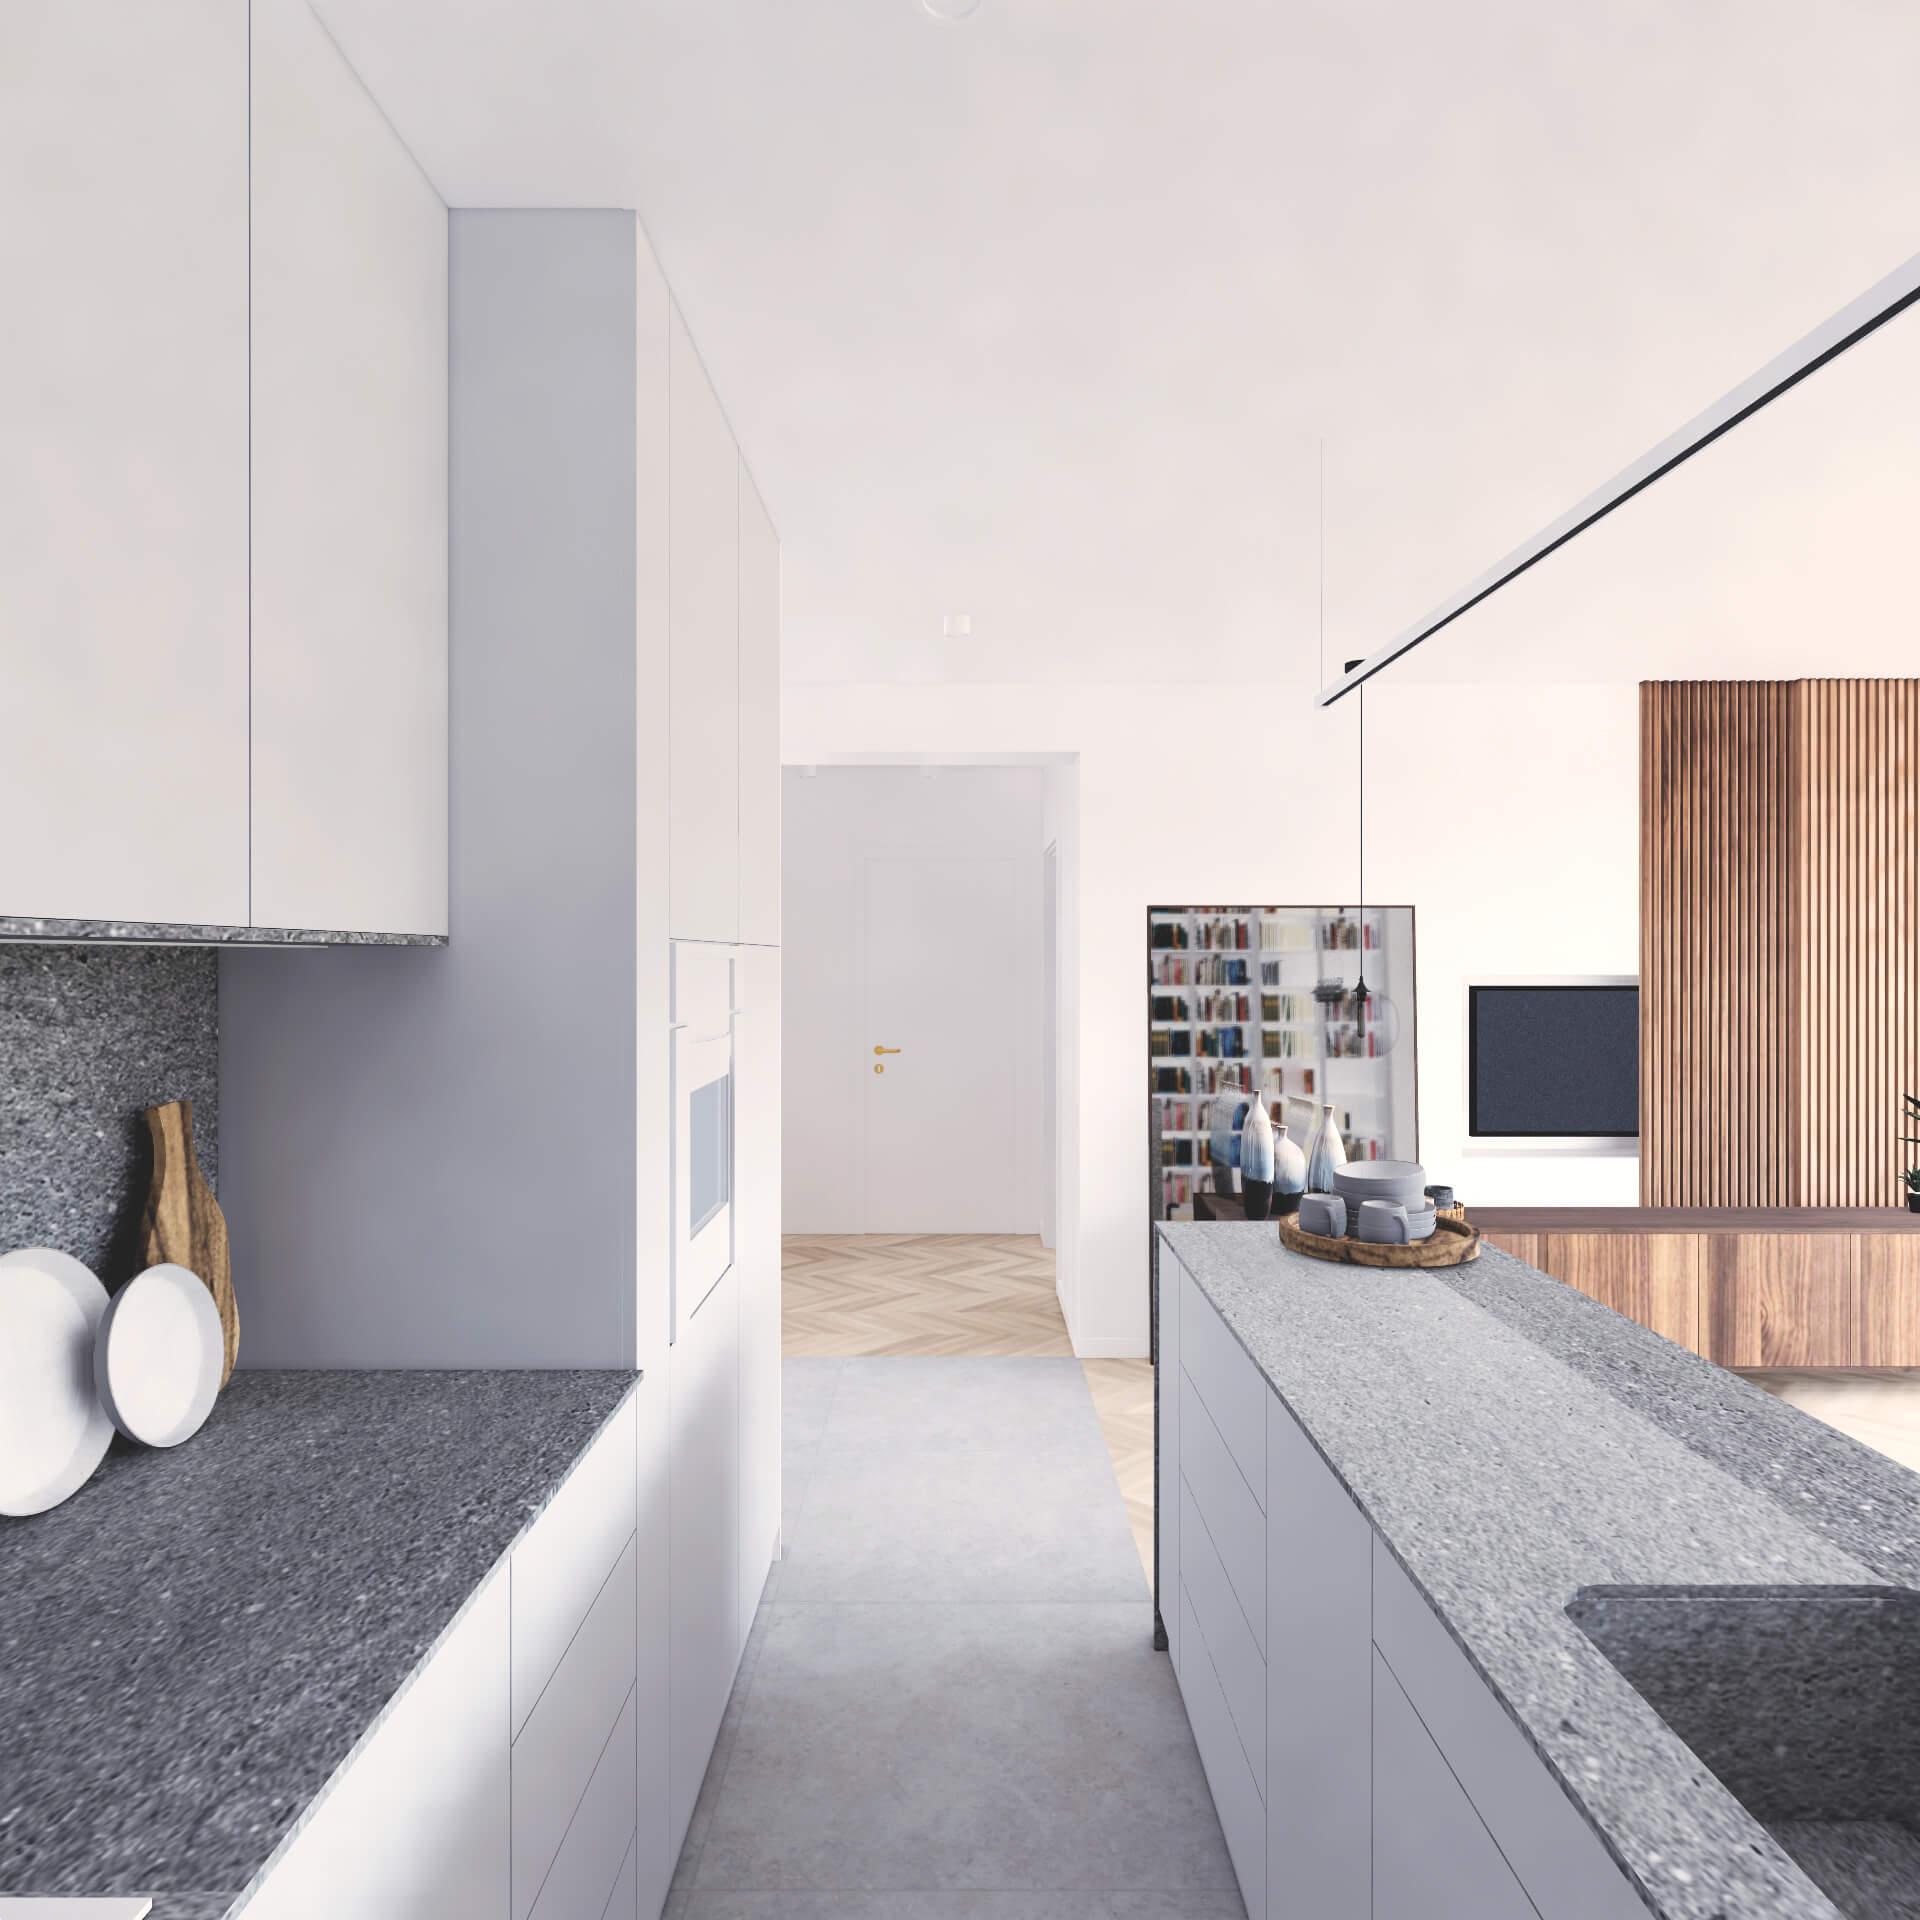 Projekt wnętrza mieszkania wraz z nadzorem nad realizacją. Aneks kucheny w mieszkaniu 71 m2. Założeniem projektu jest prosta, spokojna przestrzeń w stonowanych kolorach z beżami i szarościami. Zabudowa aneksu kuchennego płynnie przechodzi w biblioteczkę w salonie wydłużając optycznie pomieszczenie. Aneks jest jednocześnie wyraźnie oddzielony od salonu. Formalnie podkreśla to zmiana materiału na podłodze i półwysep kuchenny. Meble w kuchni są w jasnych, stonowanych barwach, aby stanowić tło dla salonu.